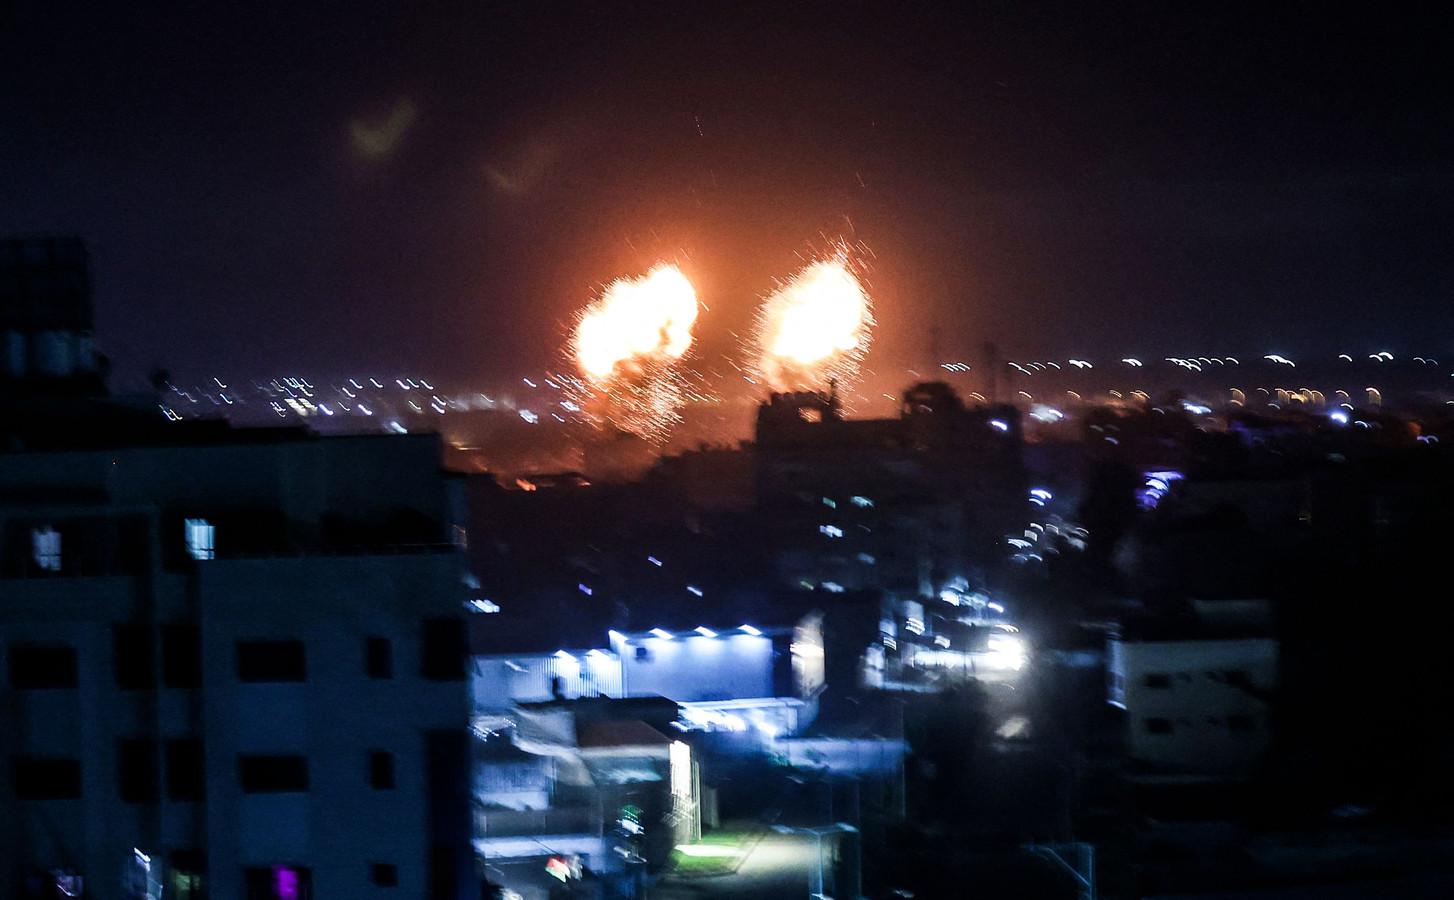 Er zouden meerdere explosies te horen zijn geweest in Gaza.